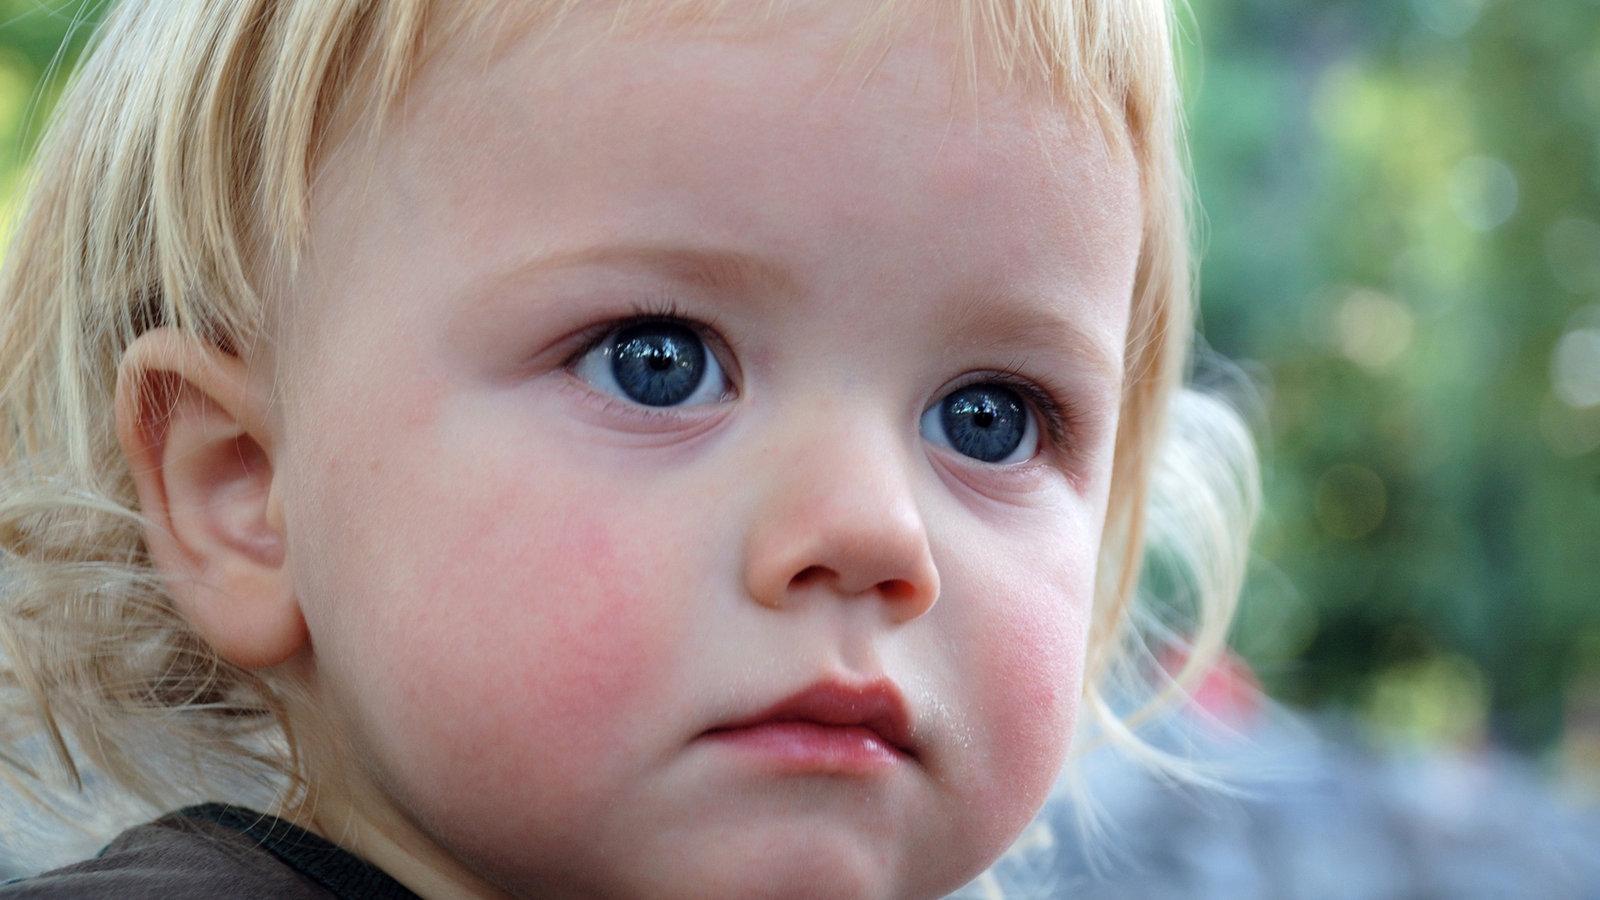 Как выглядит короткая уздечка у ребенка фото